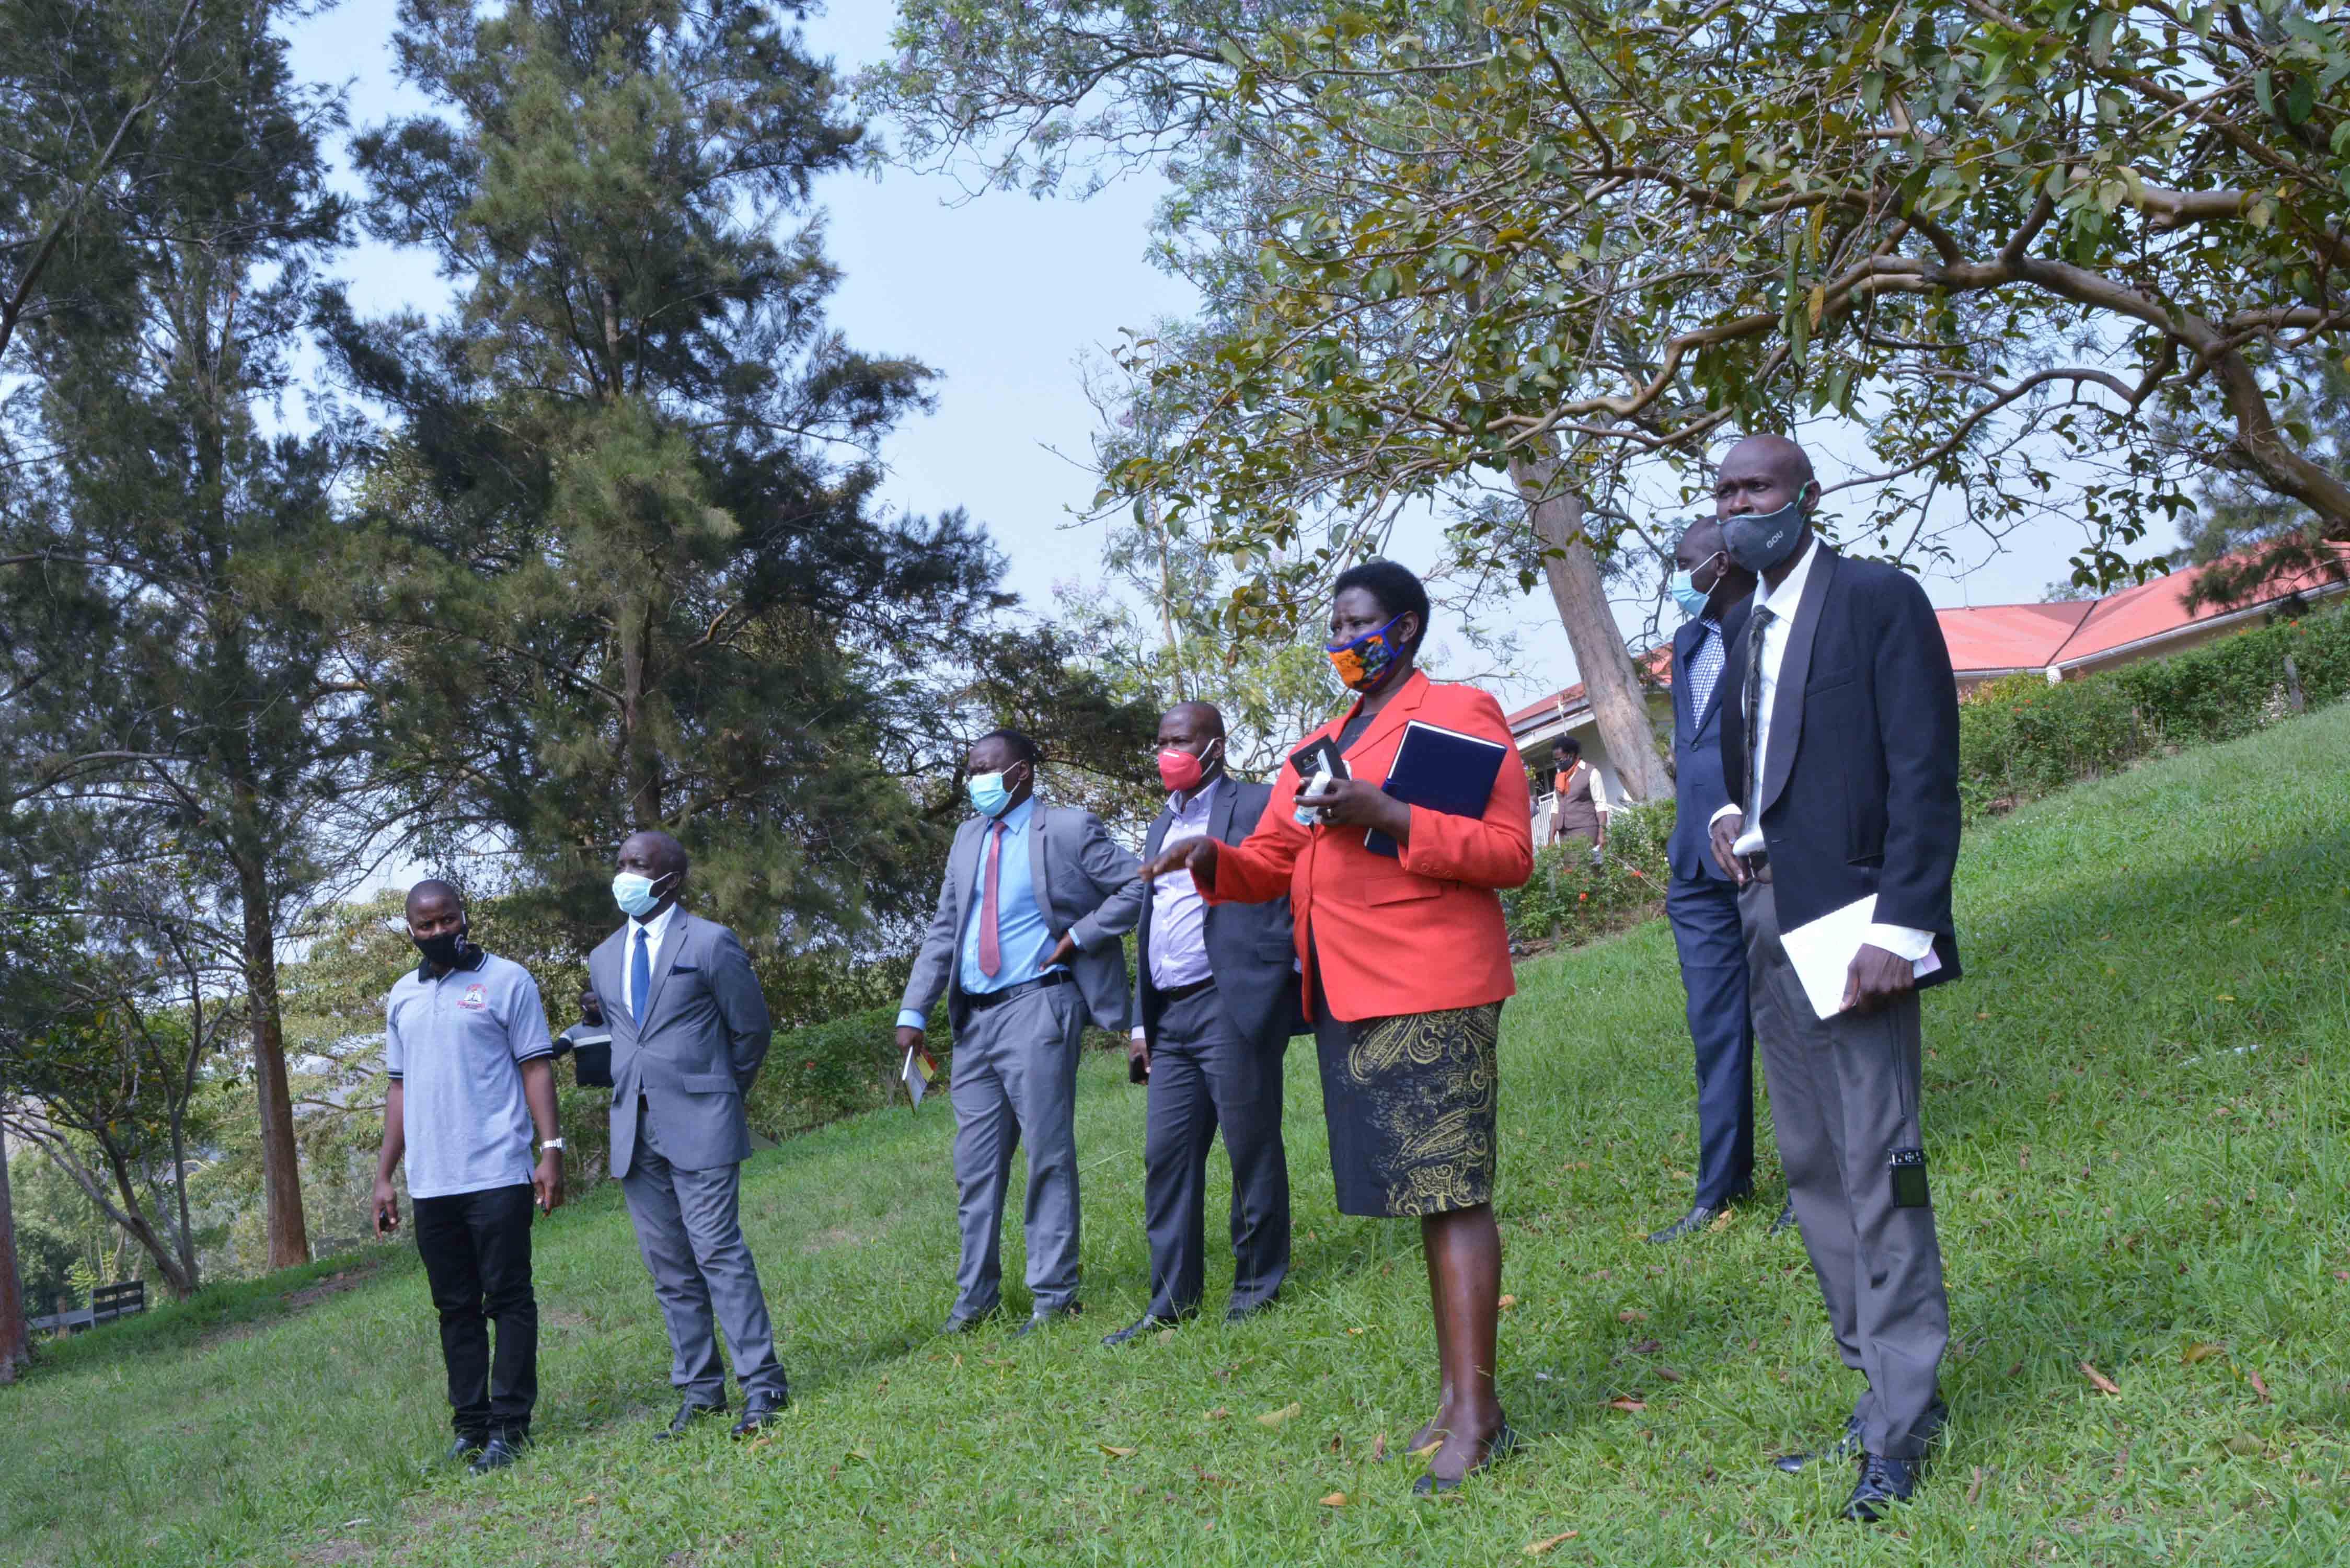 Prof. Maud Kamatenesi Mugisha with NCHE Officials touring around campus